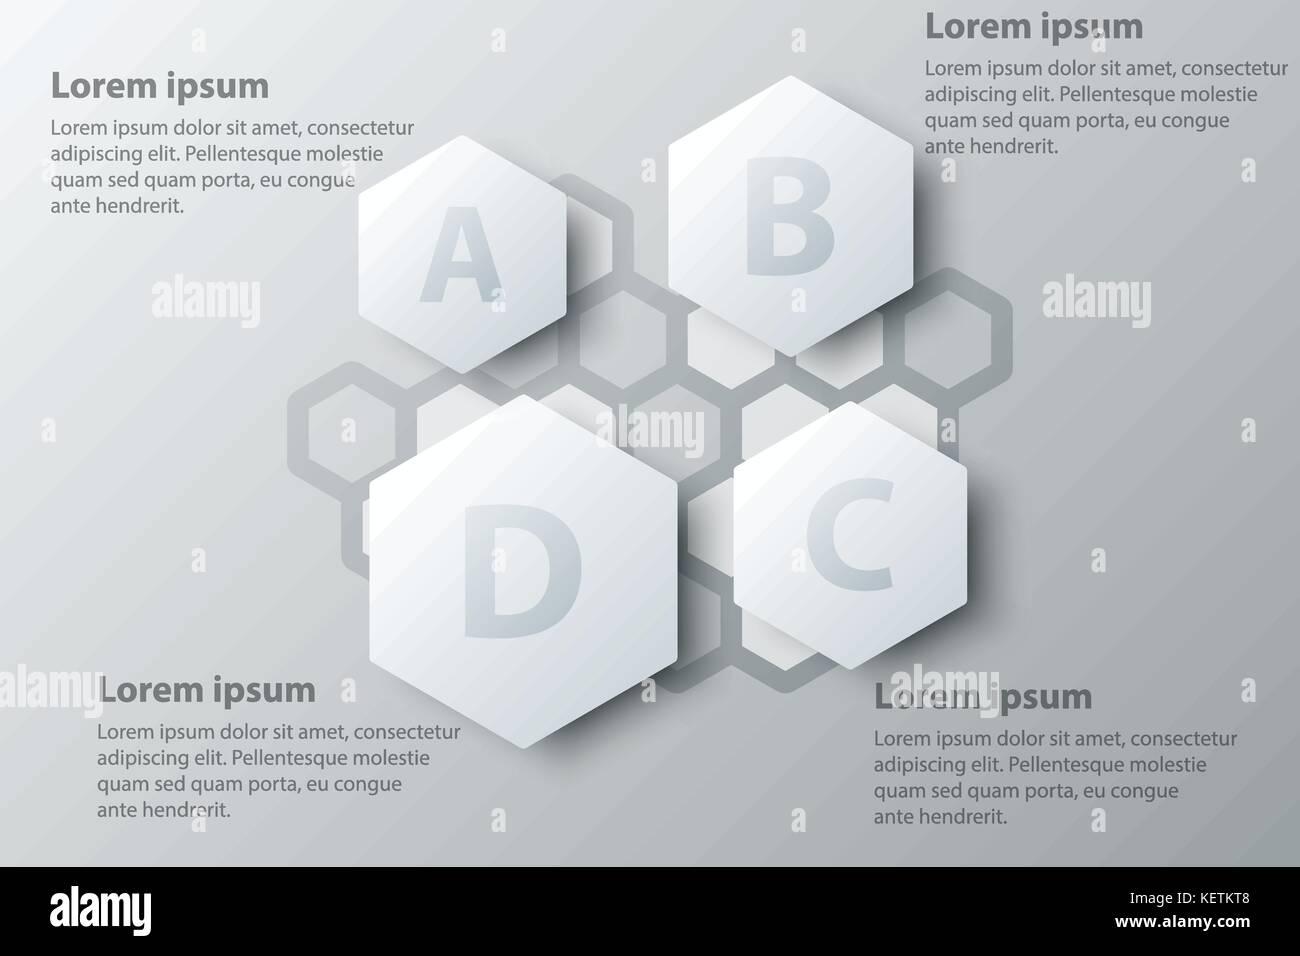 Hexagon Infographic Design Template Stock Photos & Hexagon ...